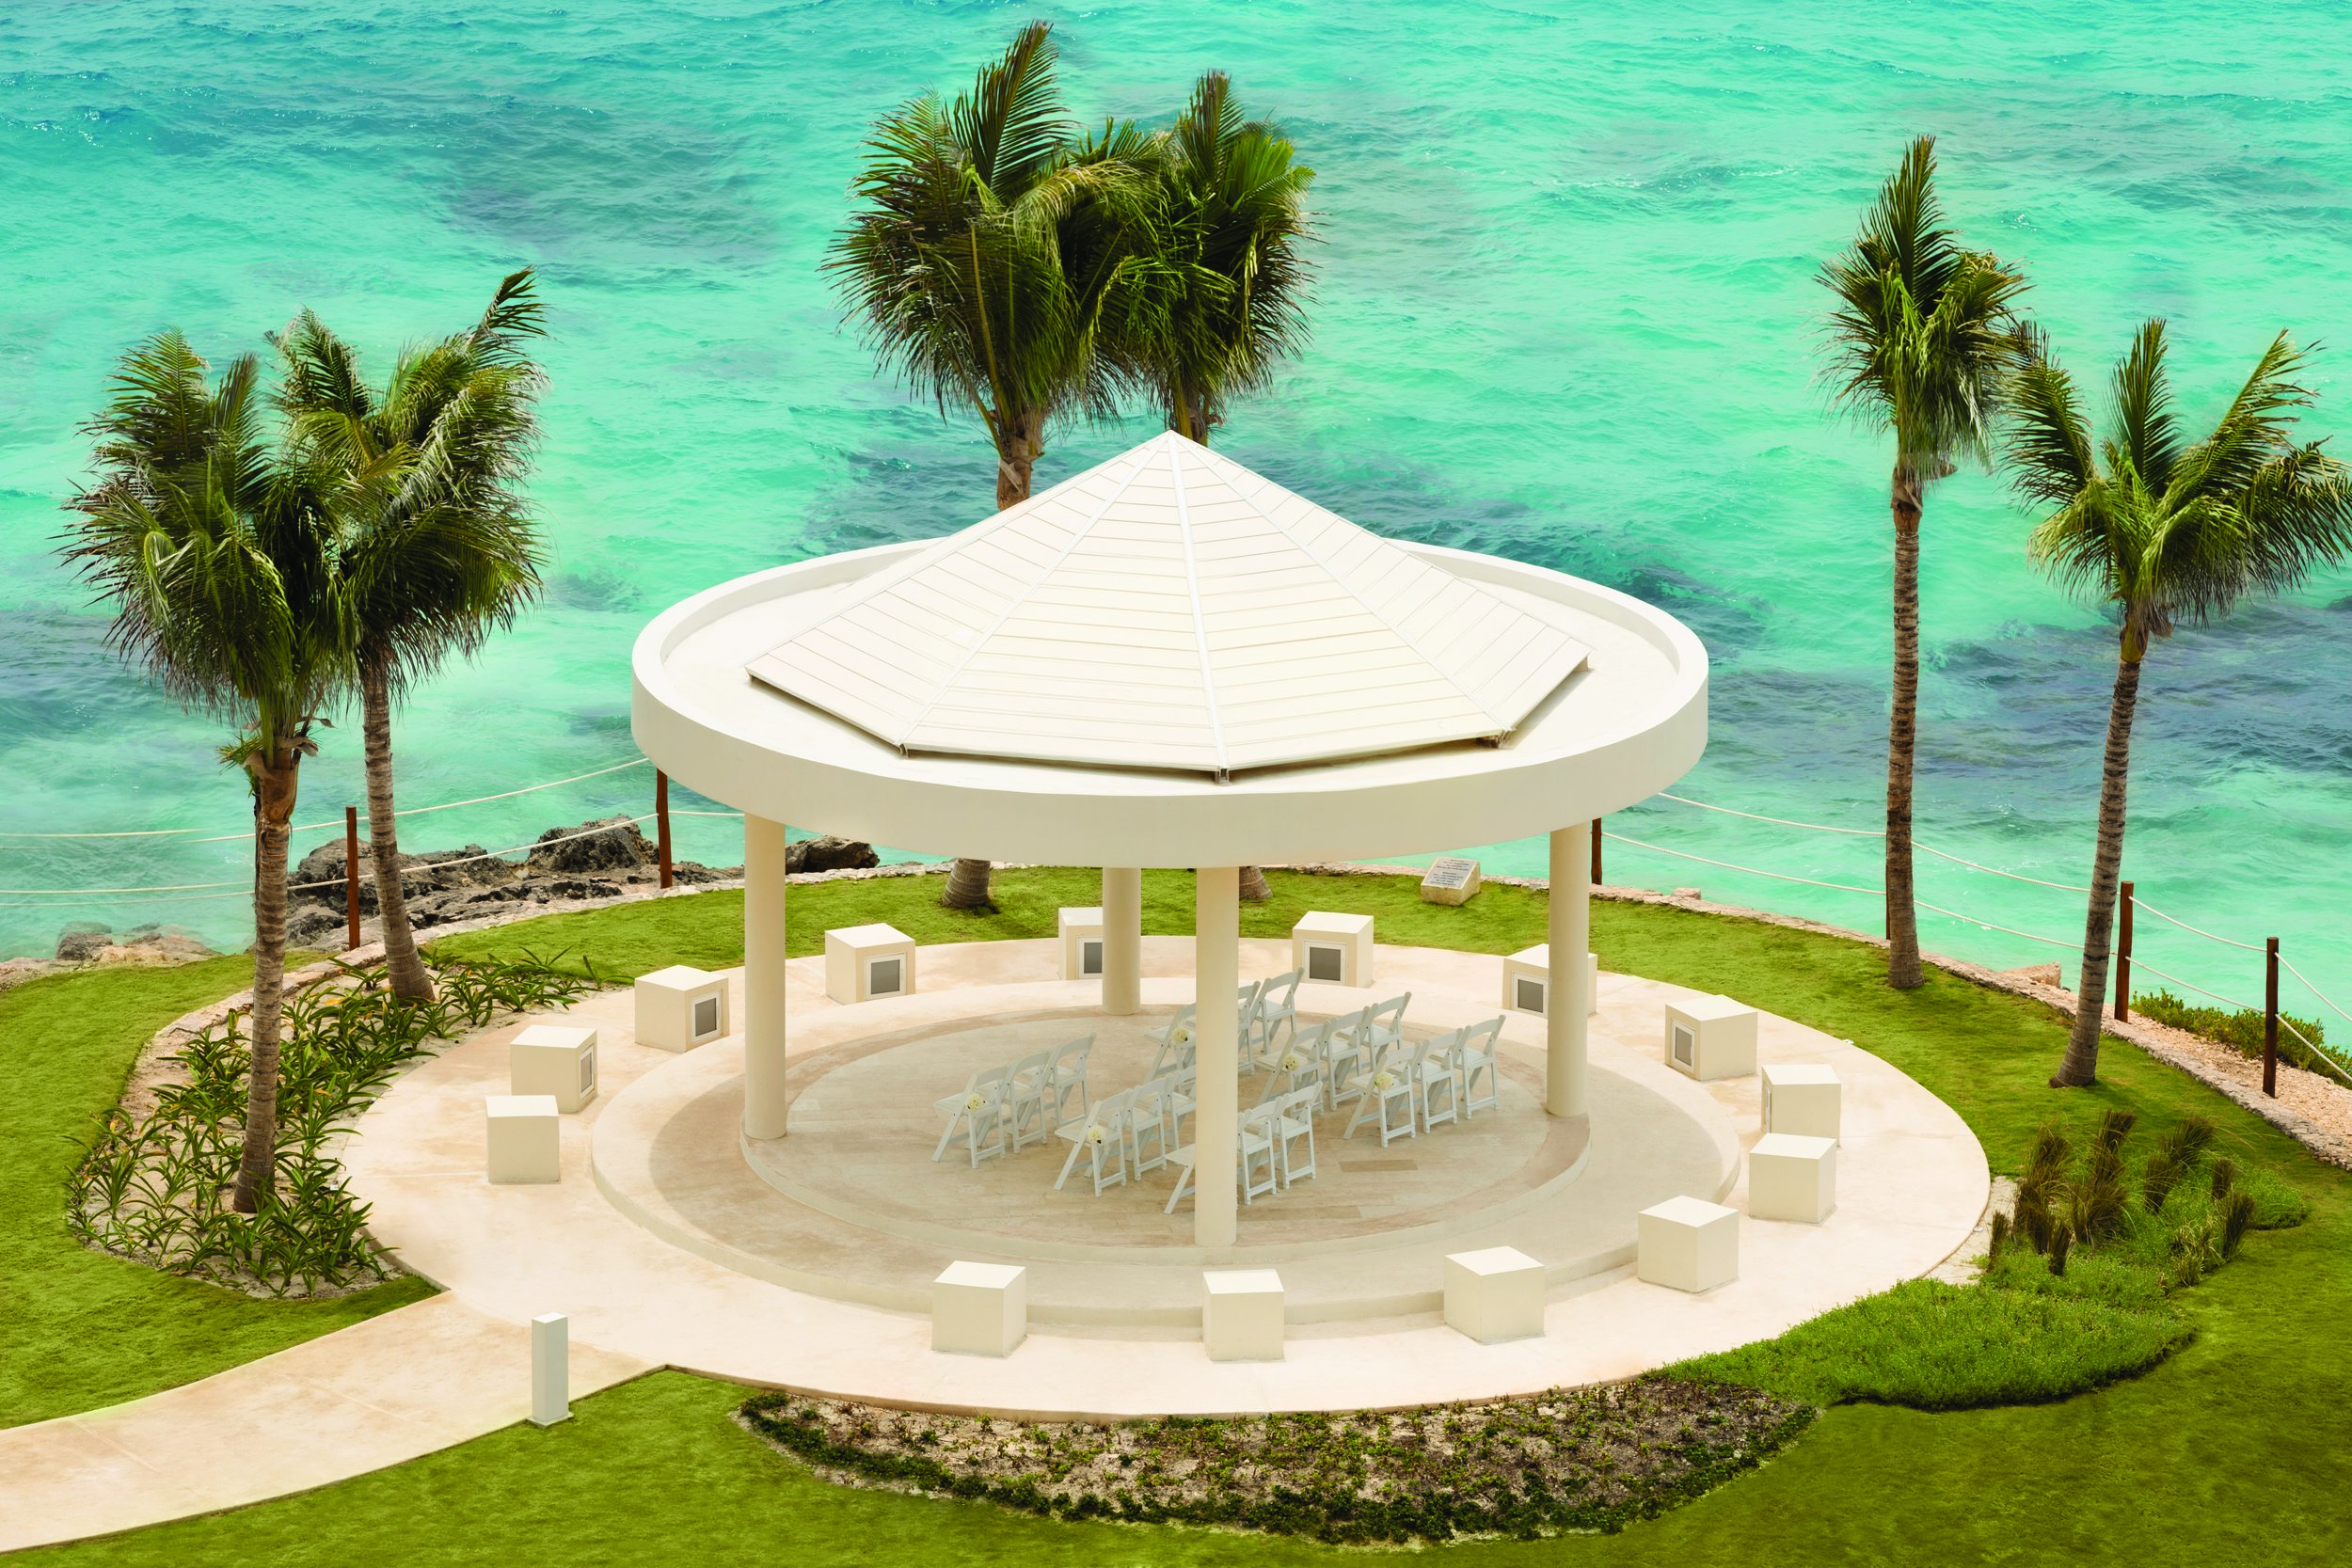 Hyatt-Ziva-Cancun-Wedding-Sky-Gazebo-5.jpg